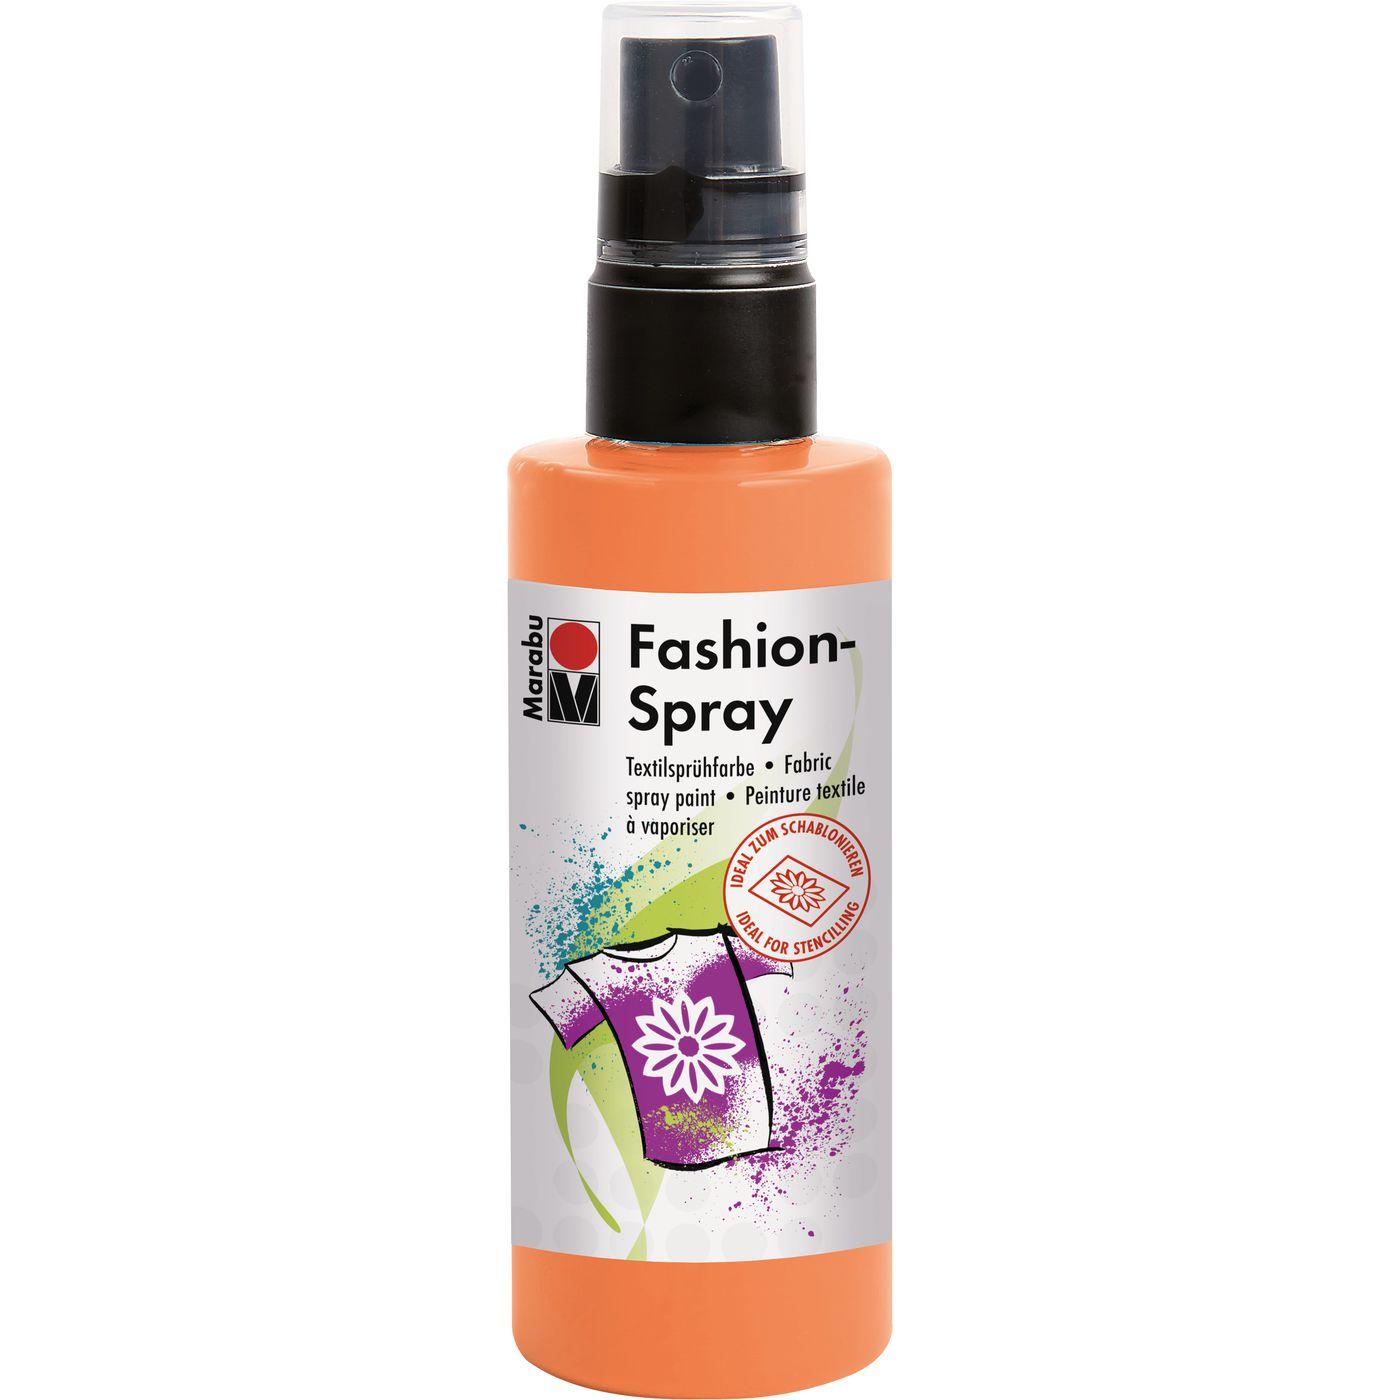 Fashion-Spray, 100 мл